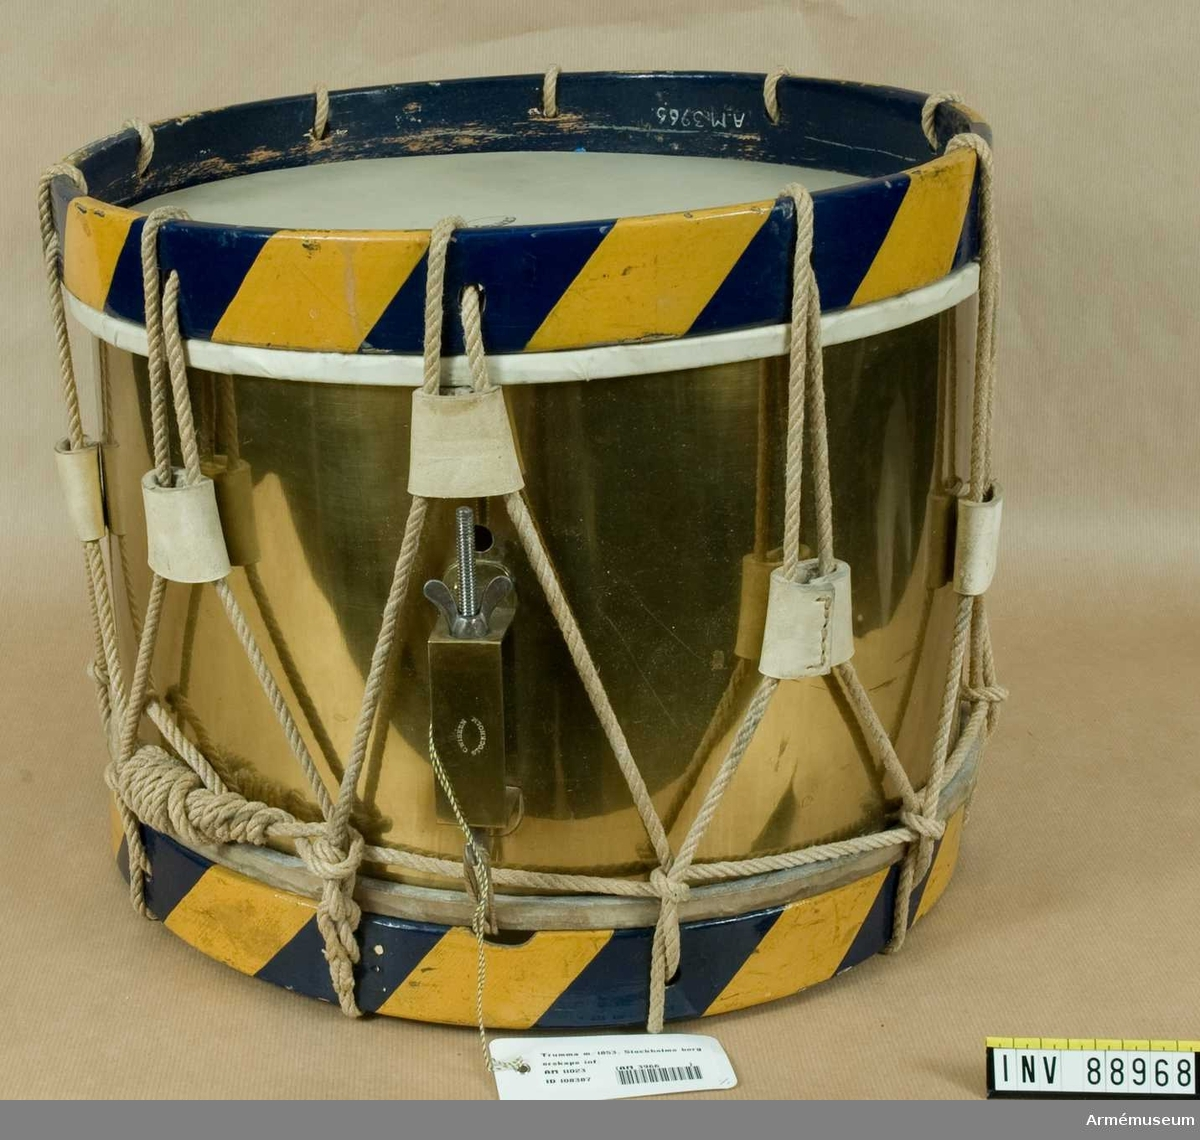 Grupp B III. År 1897 kompletterades trumman och förseddes med ett par trumstockar enligt skrivelse från K.A.A.D. 18970412.